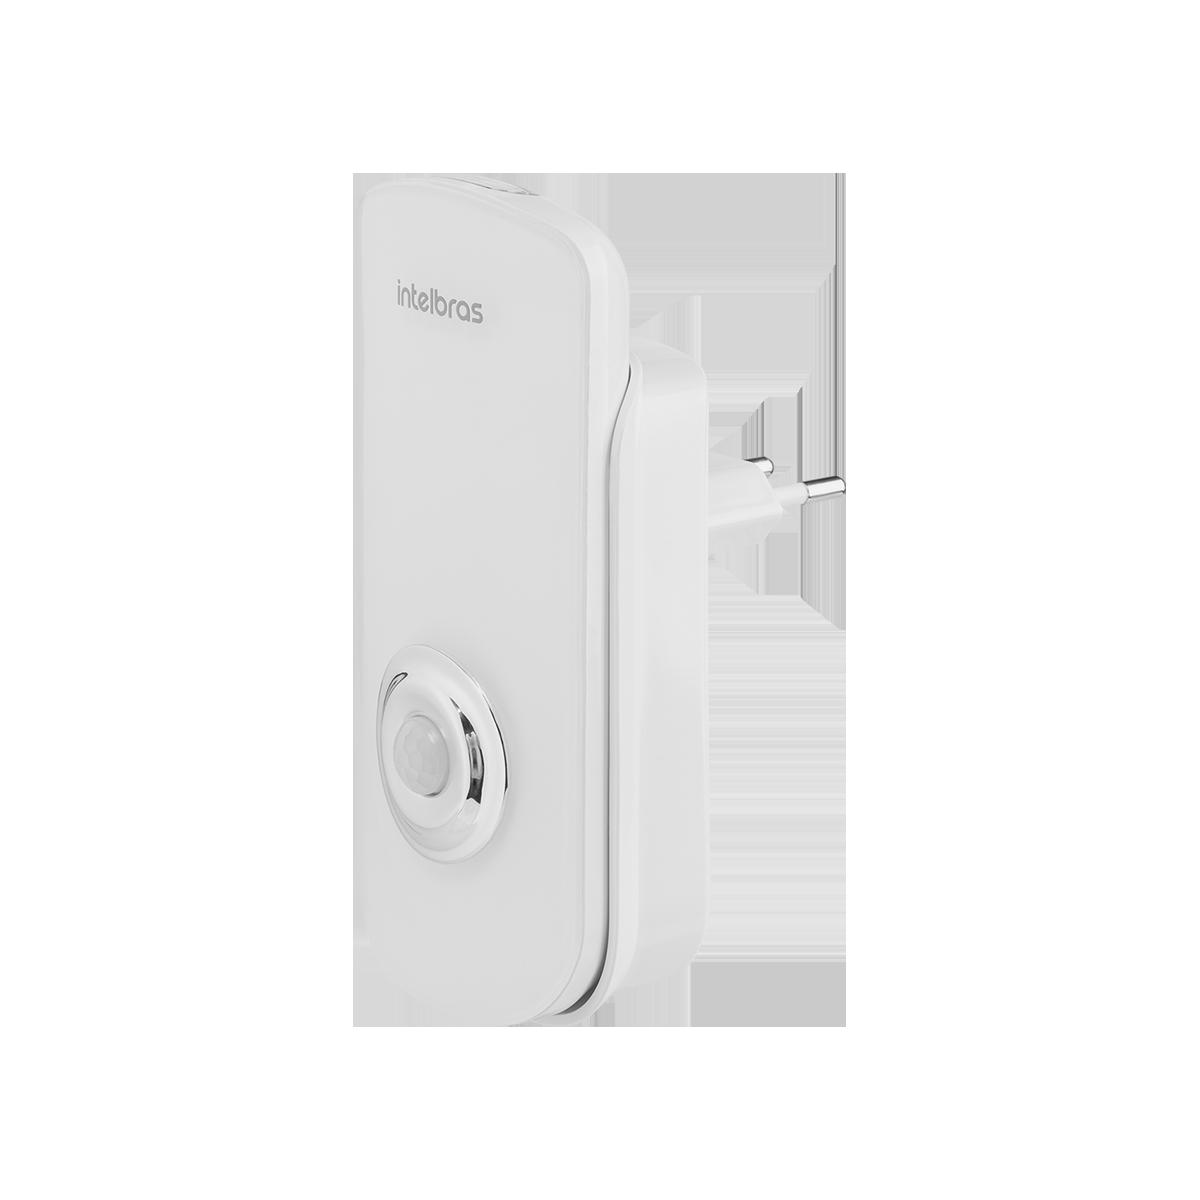 Luminária LED com Sensor de Presença ESI 5003 Intelbras